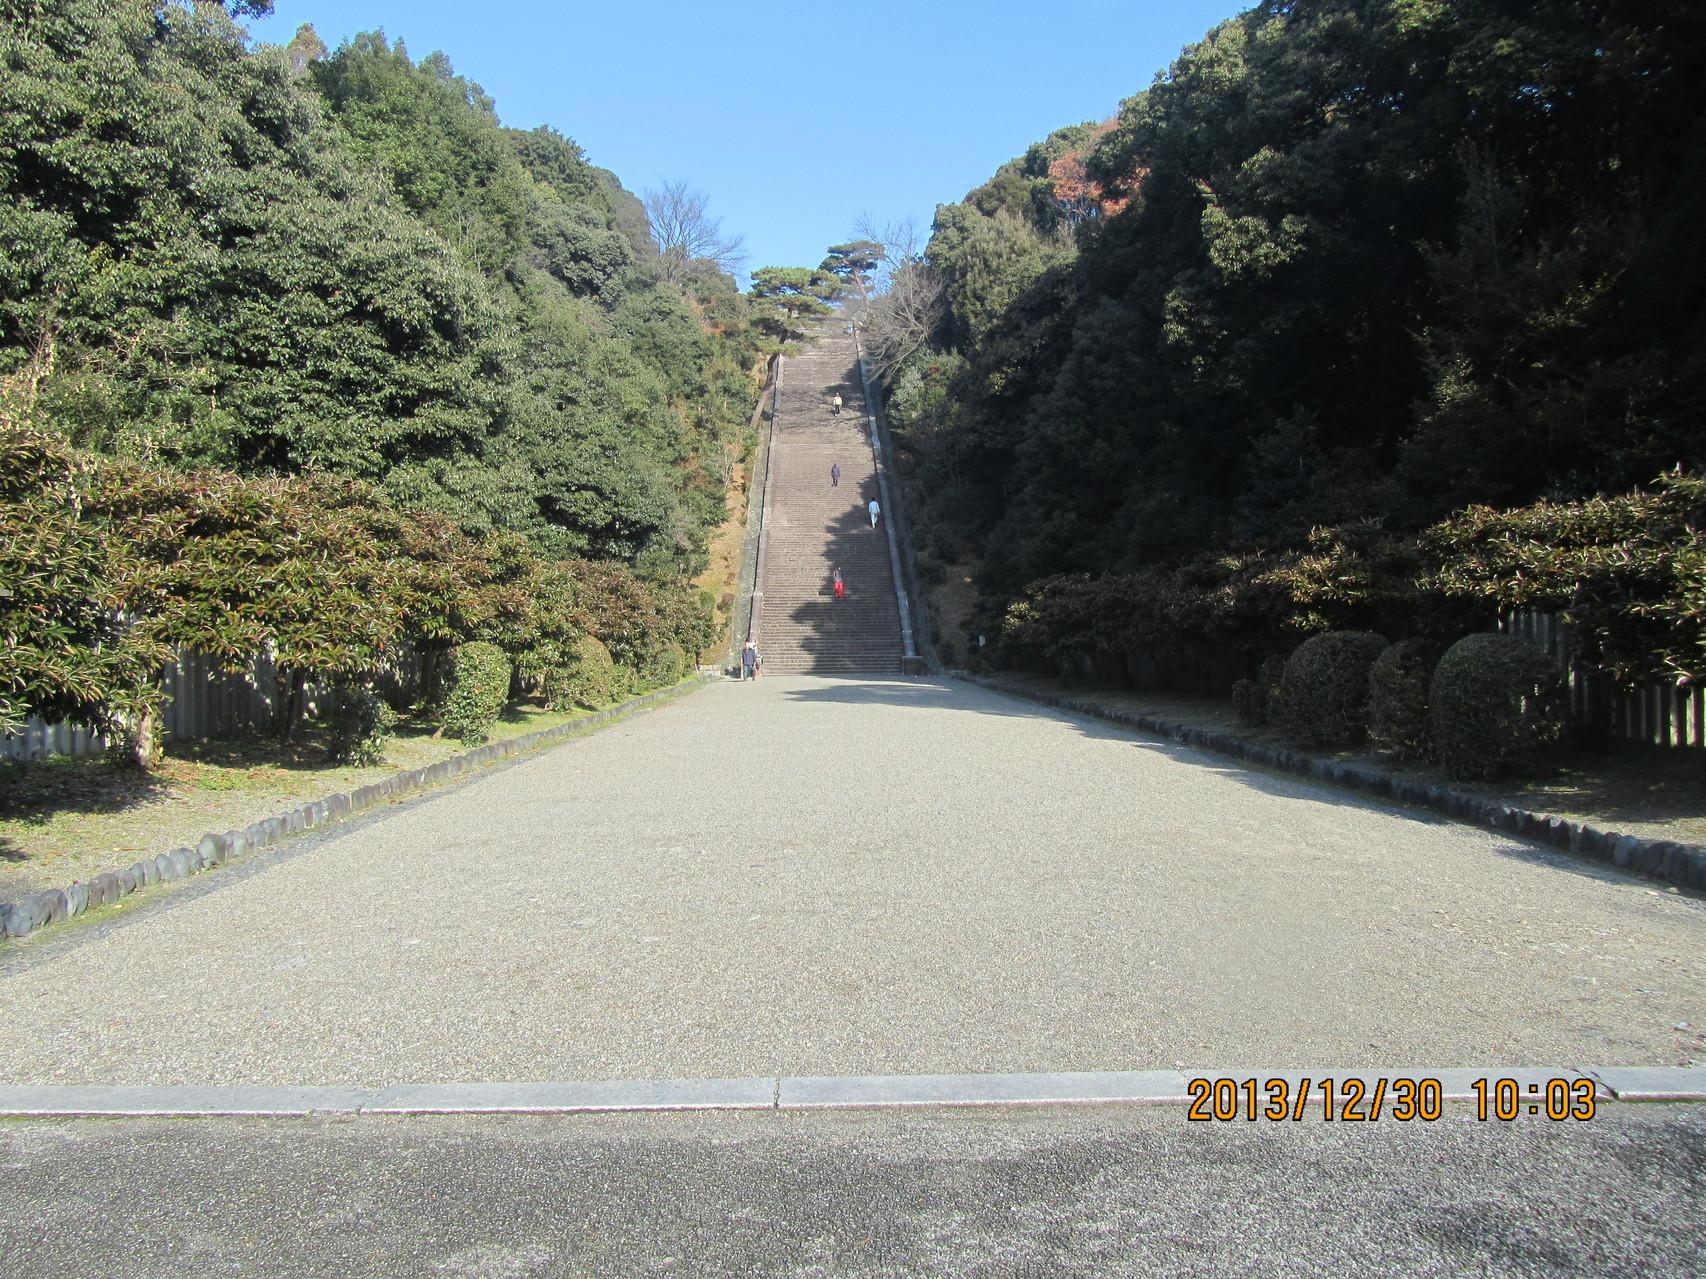 御陵に続く石段。公称230段ですが、私が数えたら234段でした。小学生の時は一気に駆け上がれました。